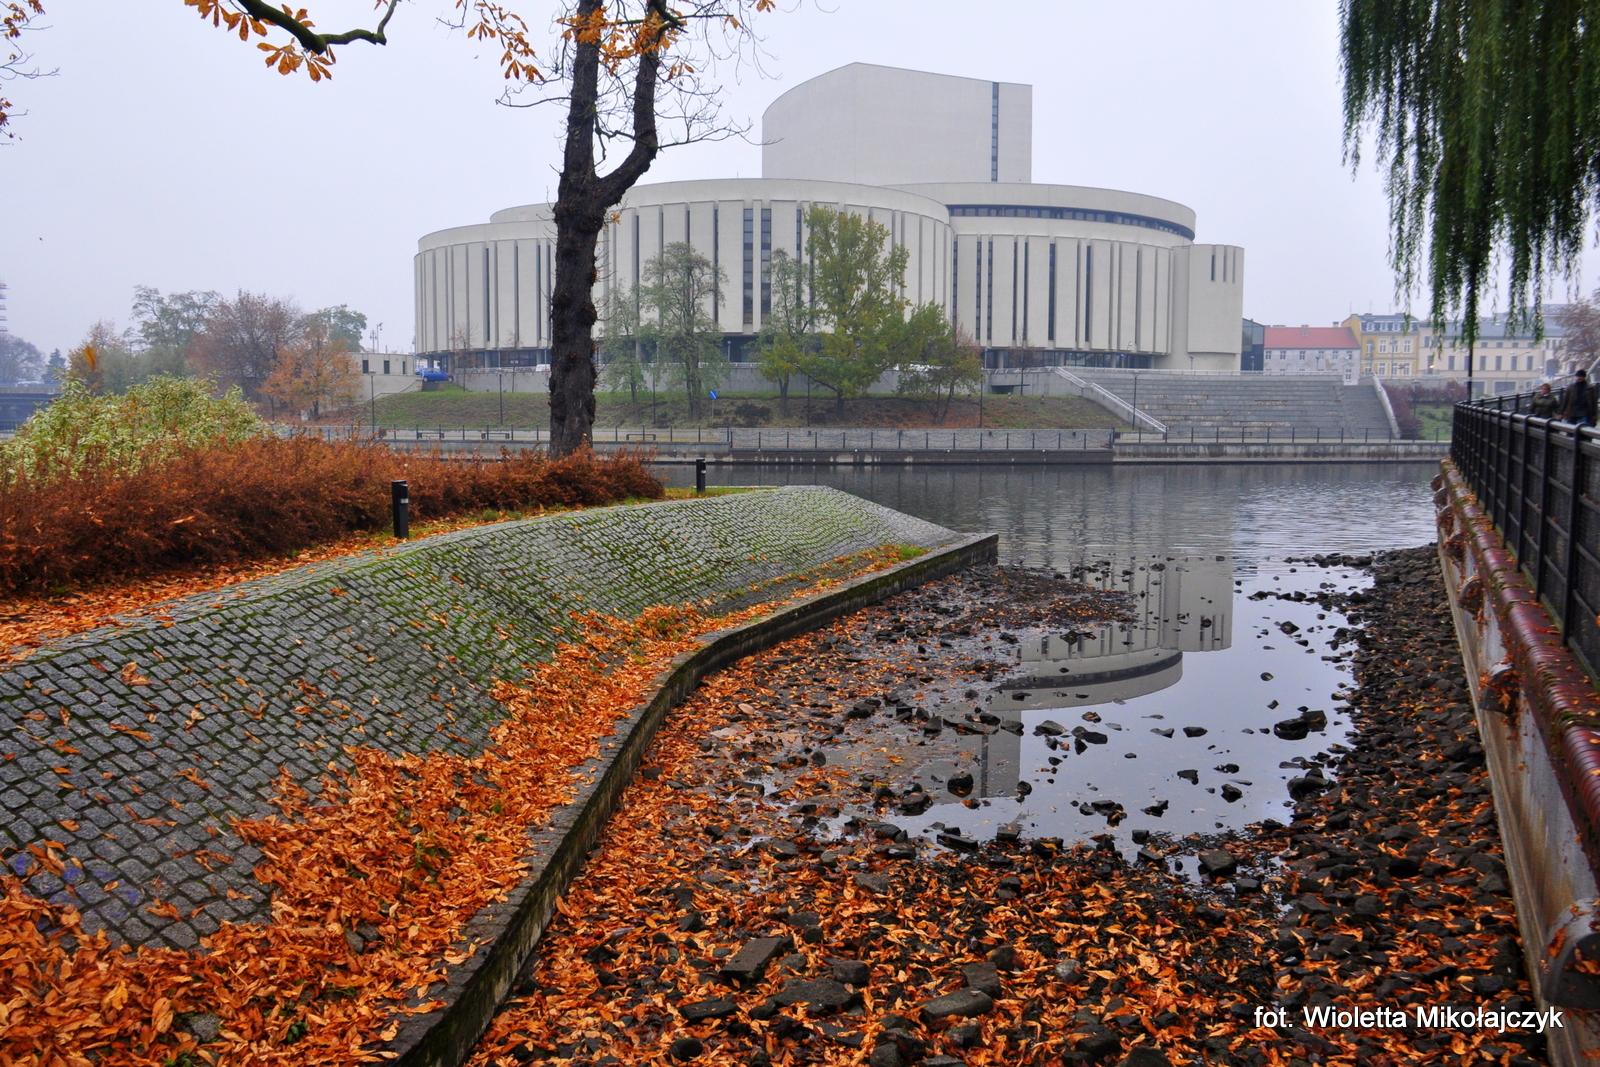 Turystyczne serce Bydgoszczy (w jesiennym wydaniu).